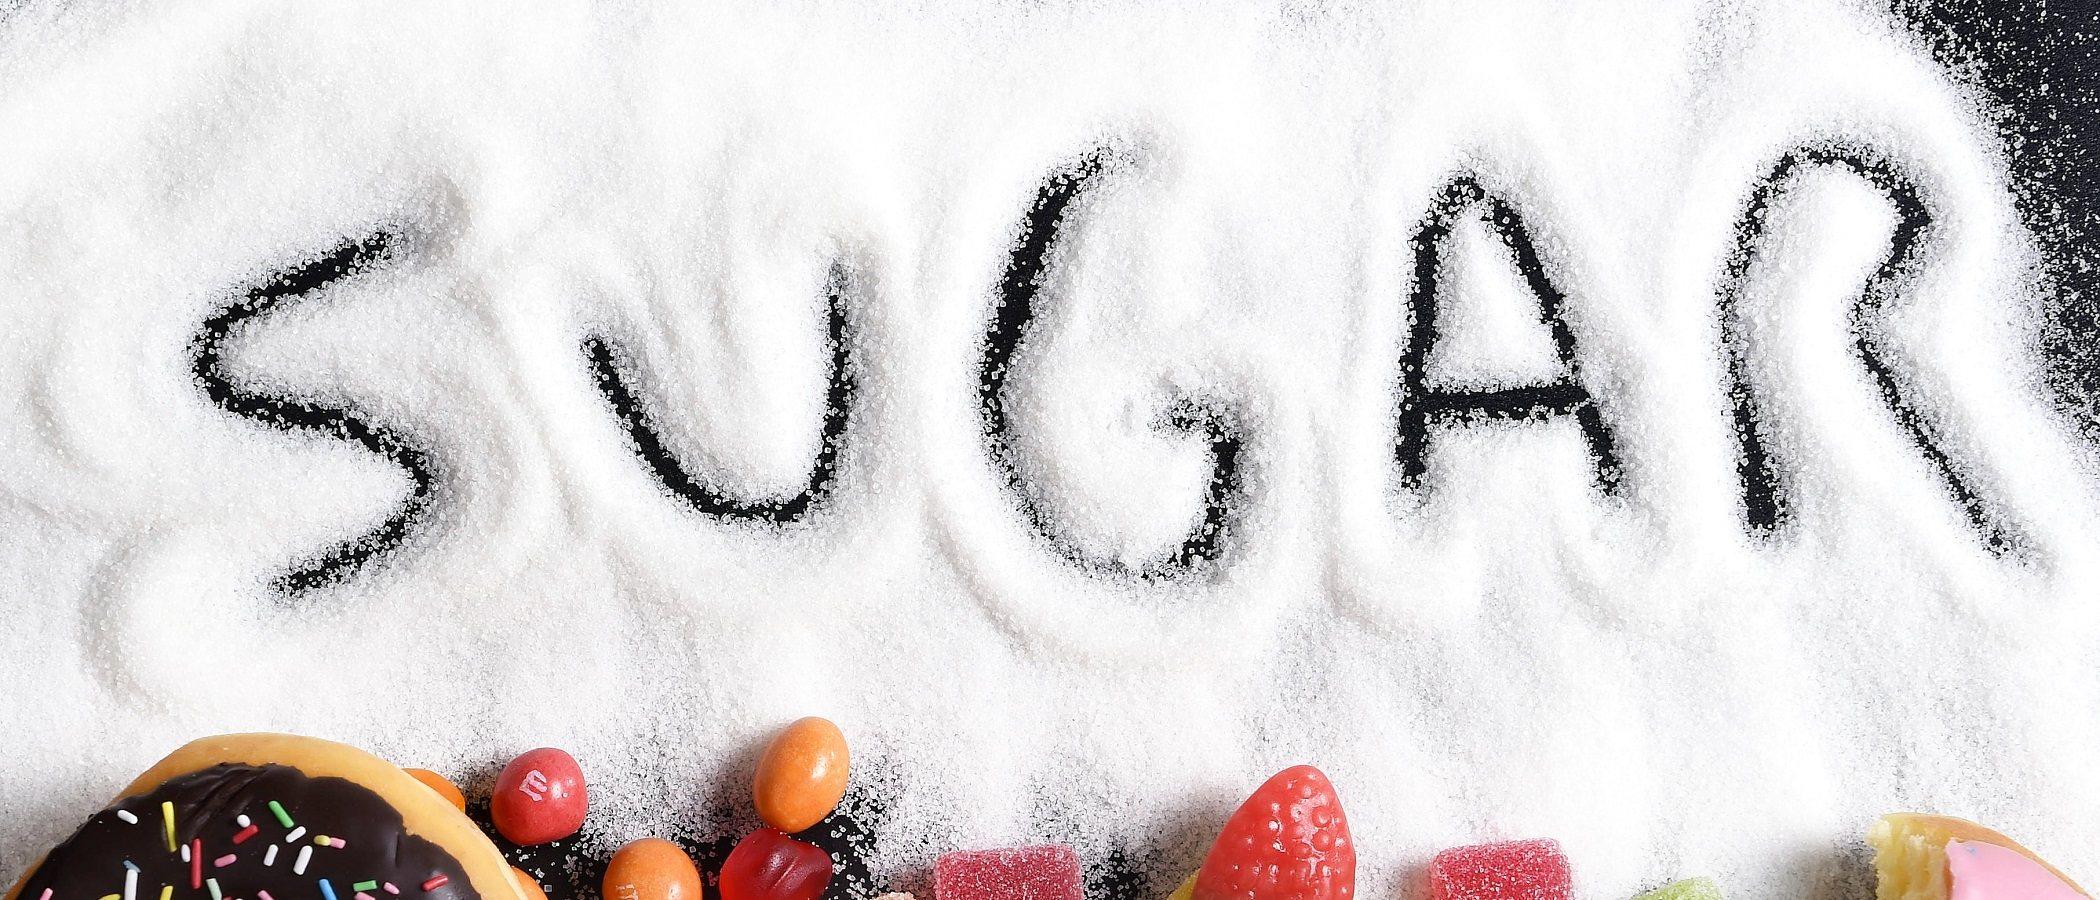 El peligro de que los niños tengan adicción al azúcar